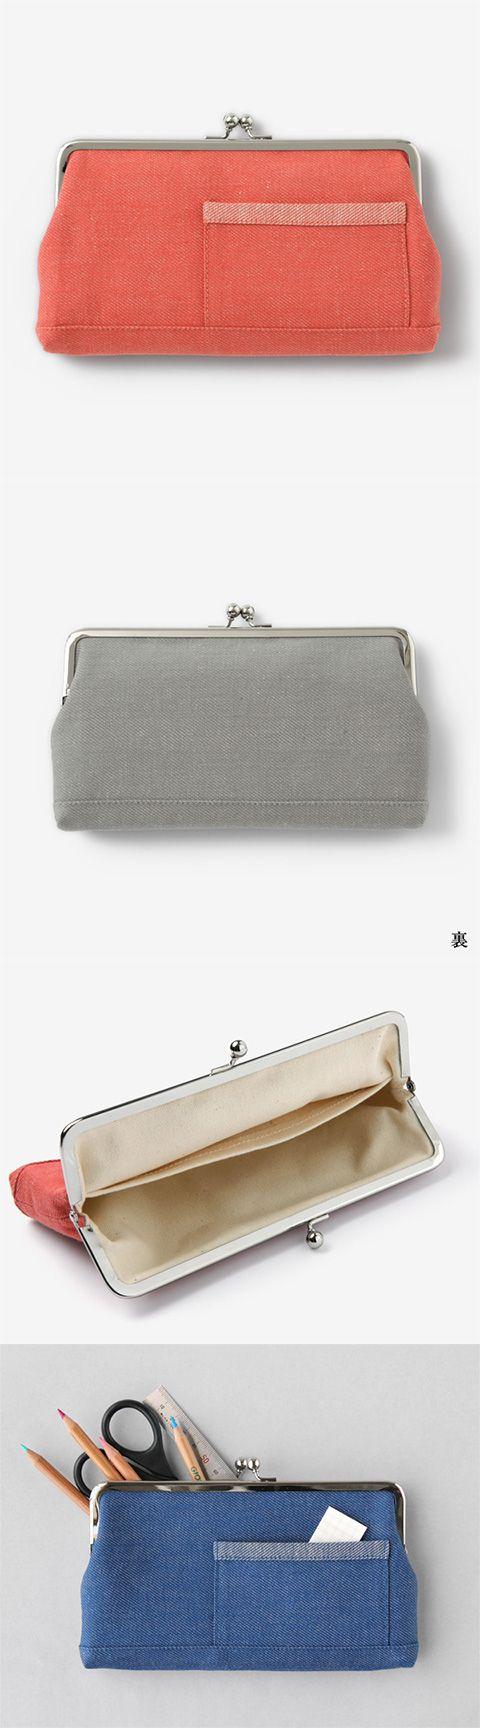 【がま口ポーチ 大(中川政七商店)】/明治期にヨーロッパより日本に伝わったがま口。 長年日本人に愛され、和雑貨の代表となったがま口を、綿麻のカラーデニムを使用して現代のスタイルに合わせた形に仕上げました。 長財布や通帳ケース、ペンケースなどにおすすめのサイズです。 外ポケットは一般的なカードや名刺が収納できる大きさ。 内ポケットはお札がちょうど収まる大きさでおつくりしています。